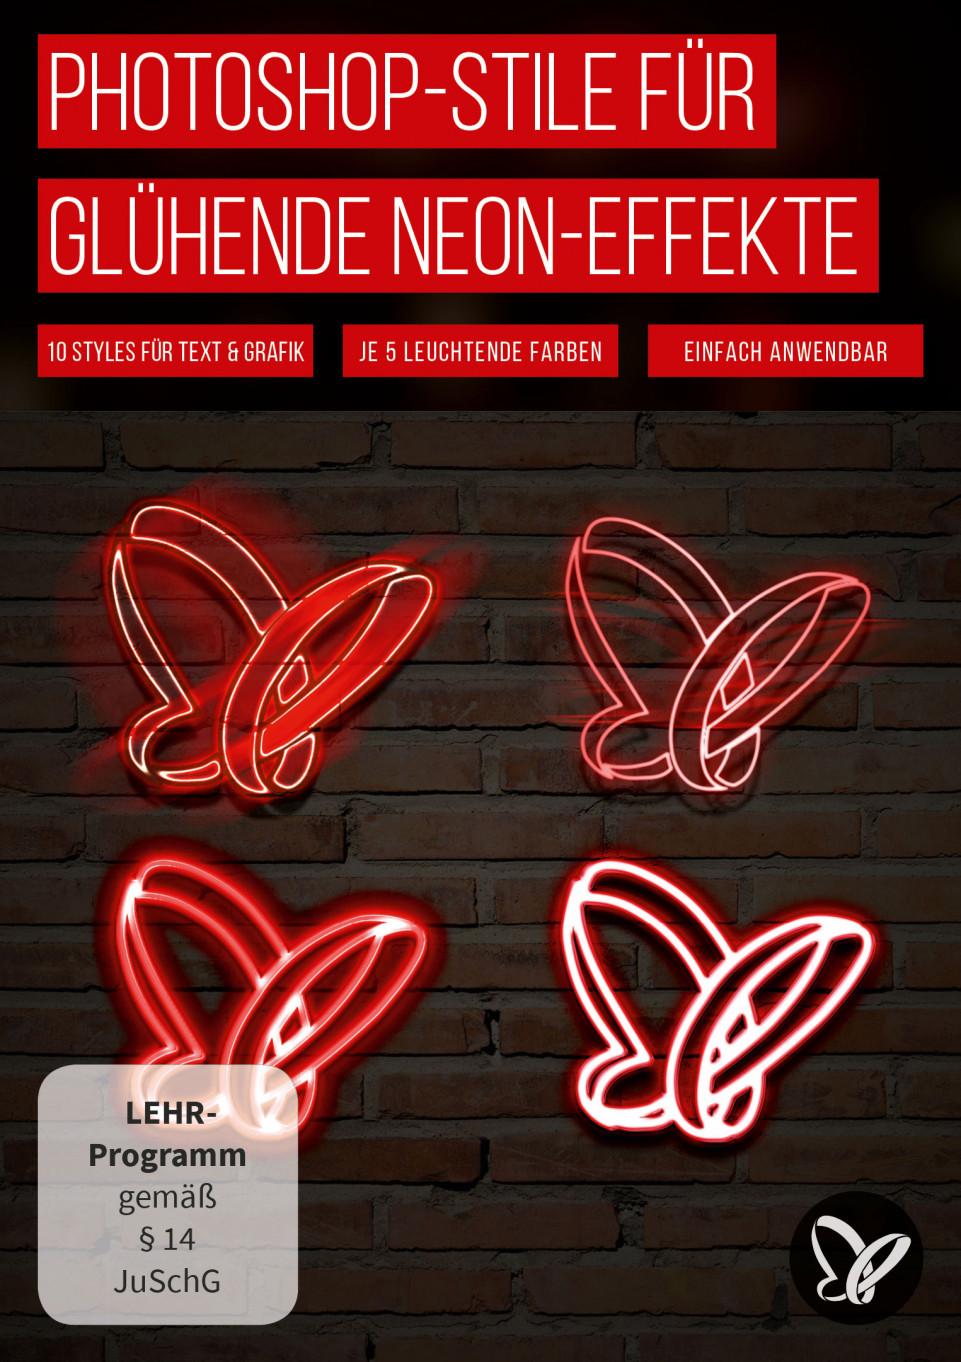 Photoshop – Neon-Styles für Schrift und Form